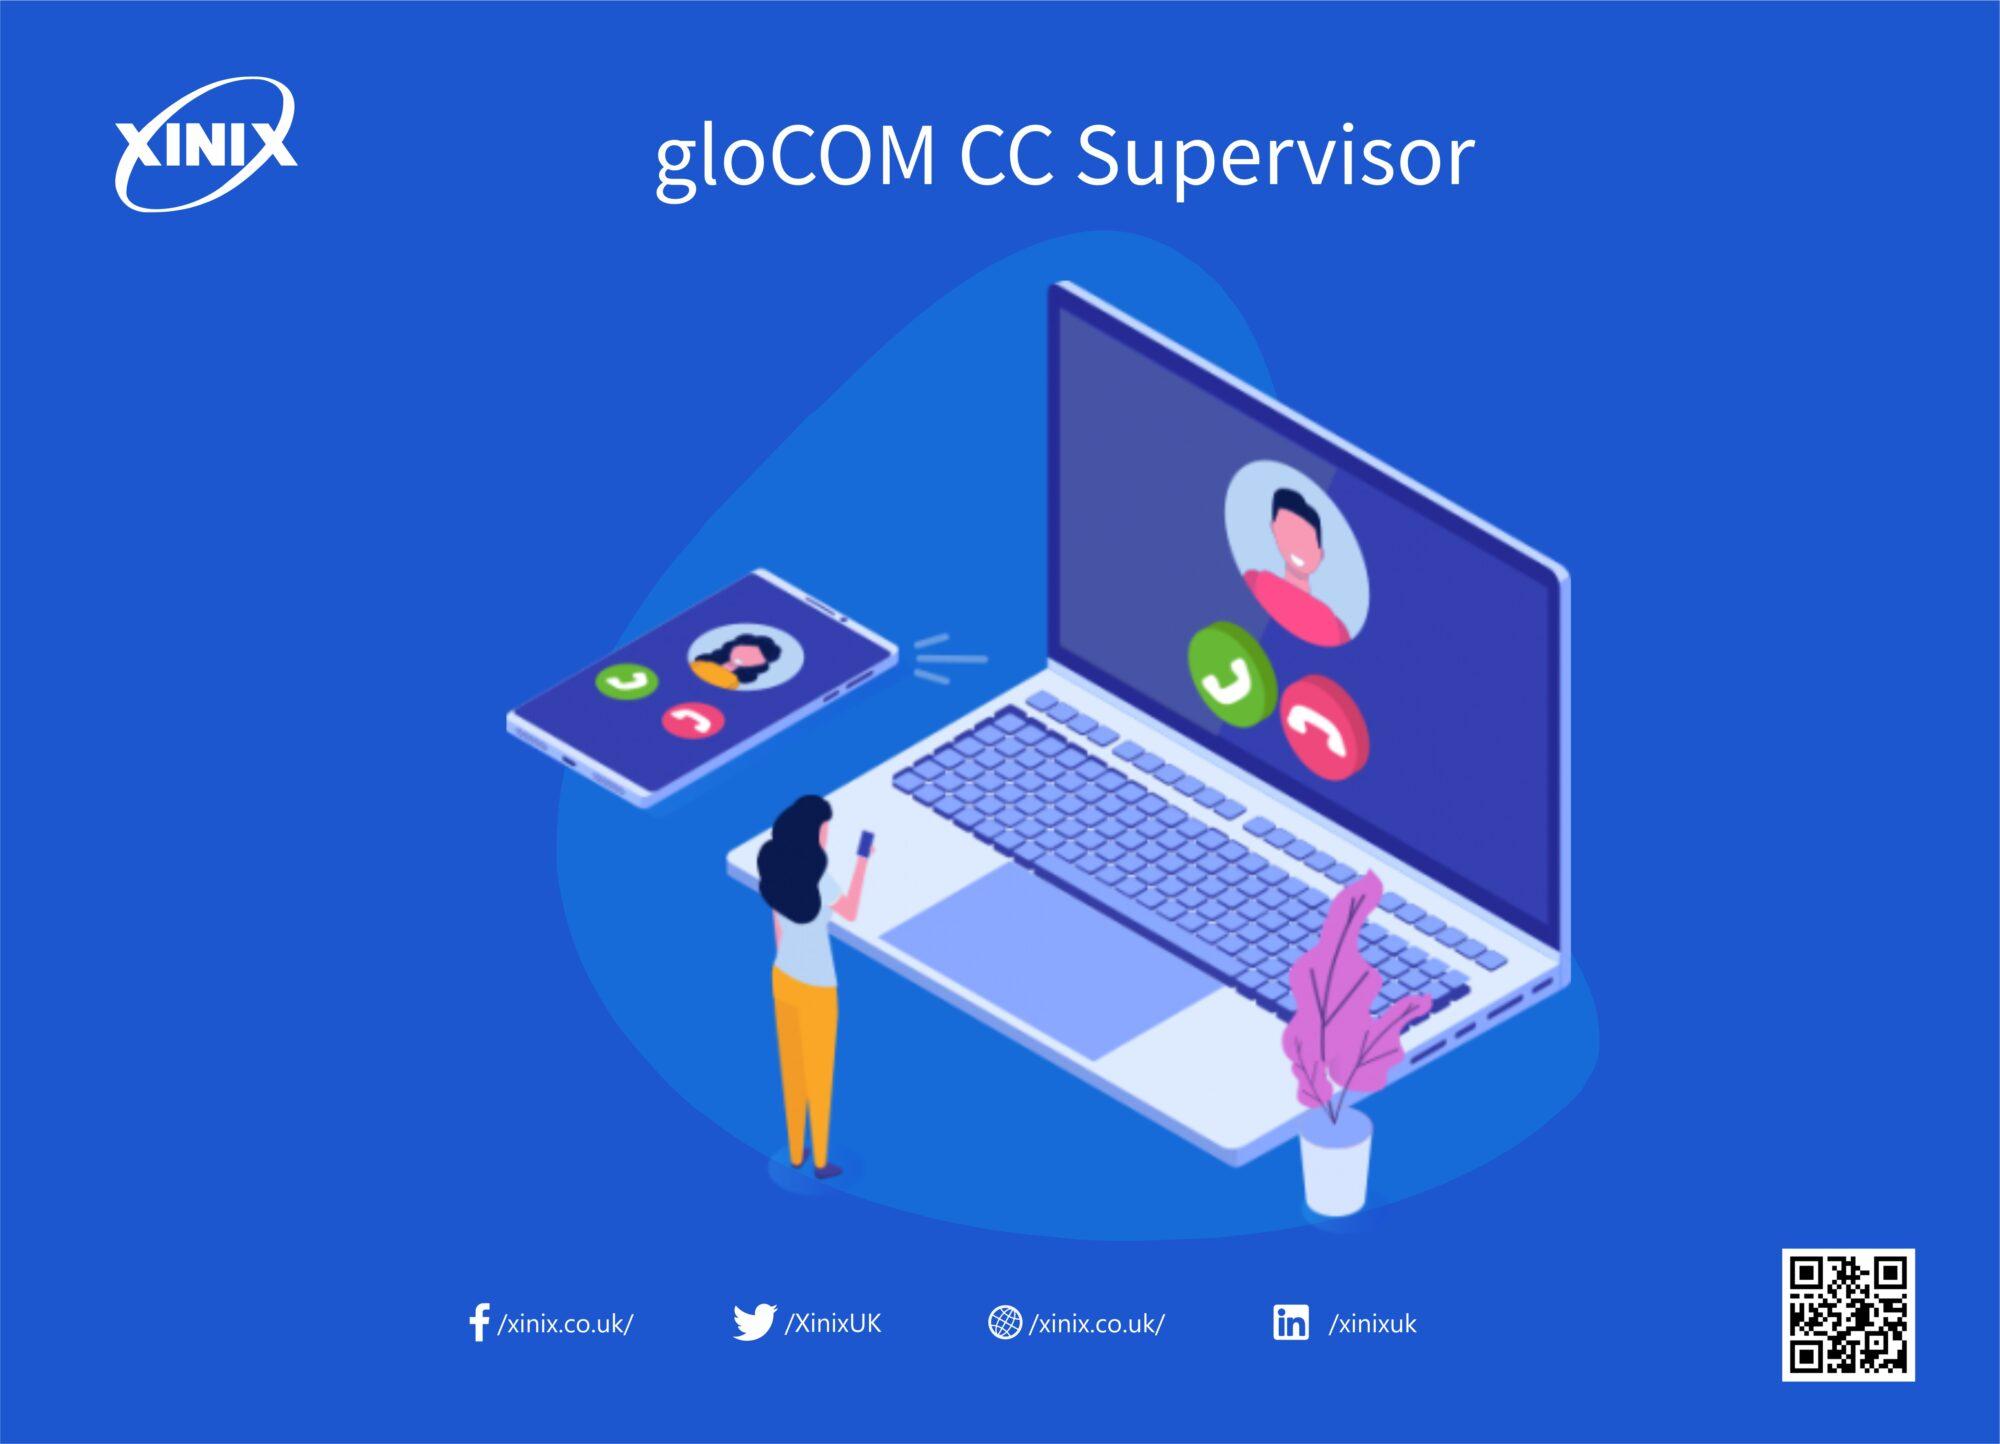 gloCOM CC Supervisor